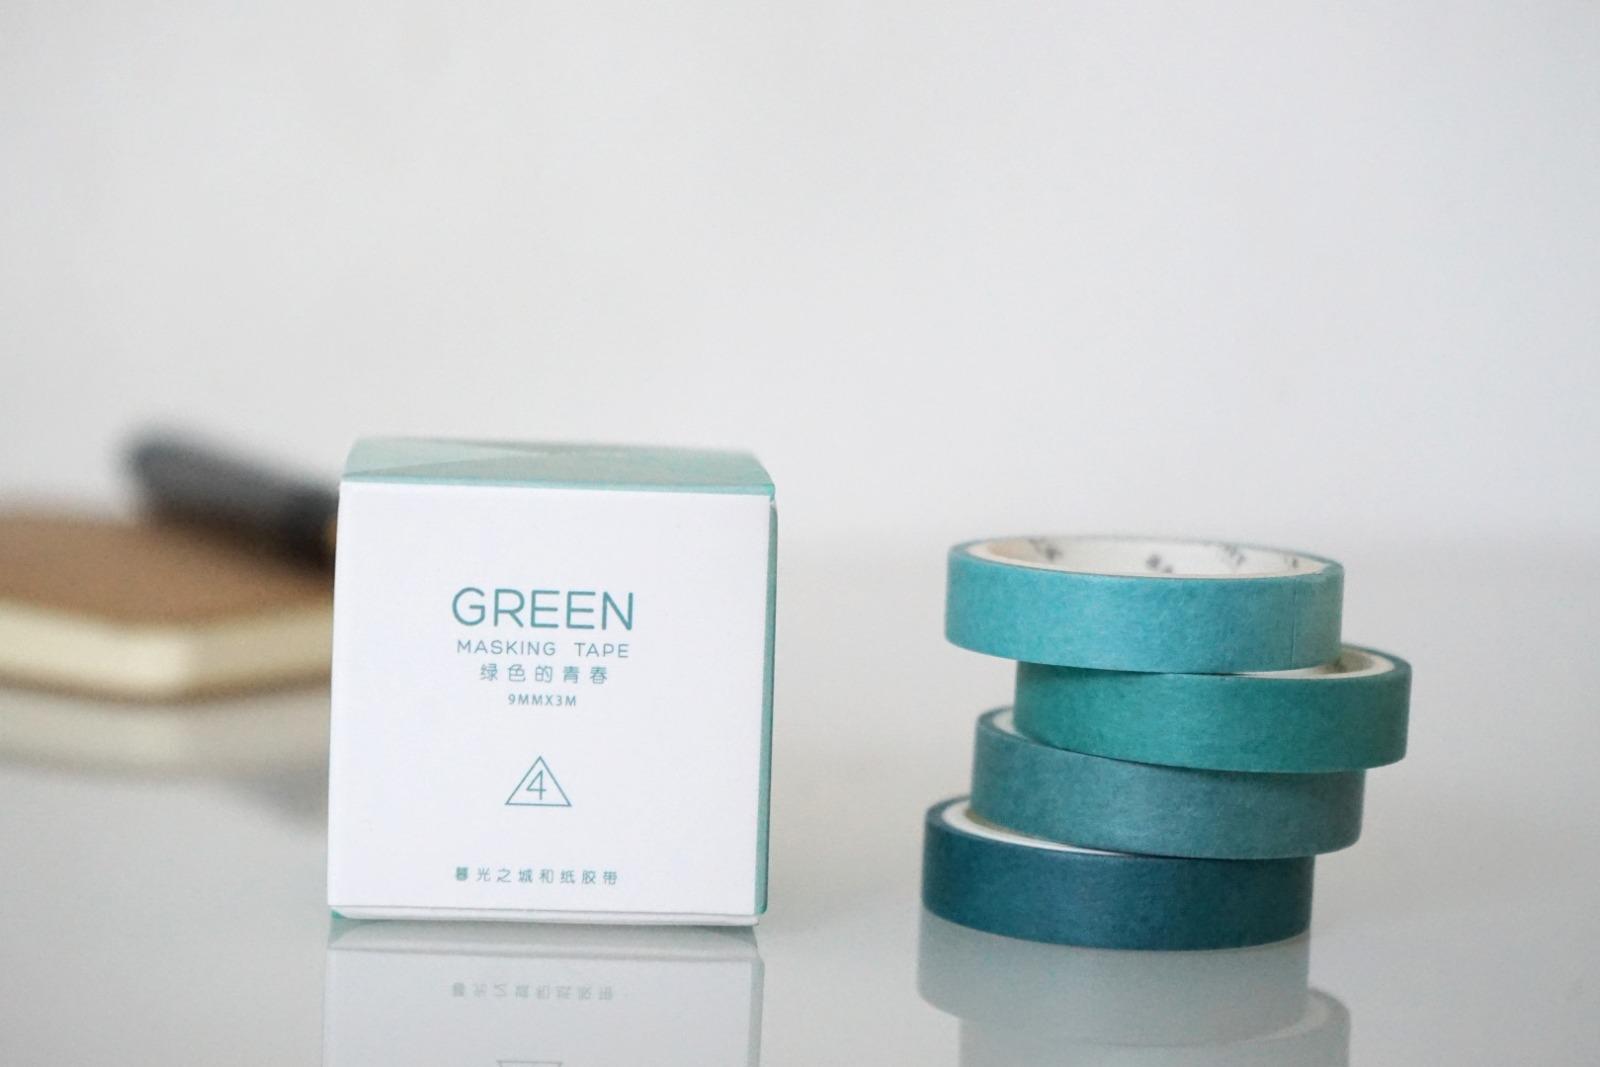 Klebeband Washi Tape Green - 1